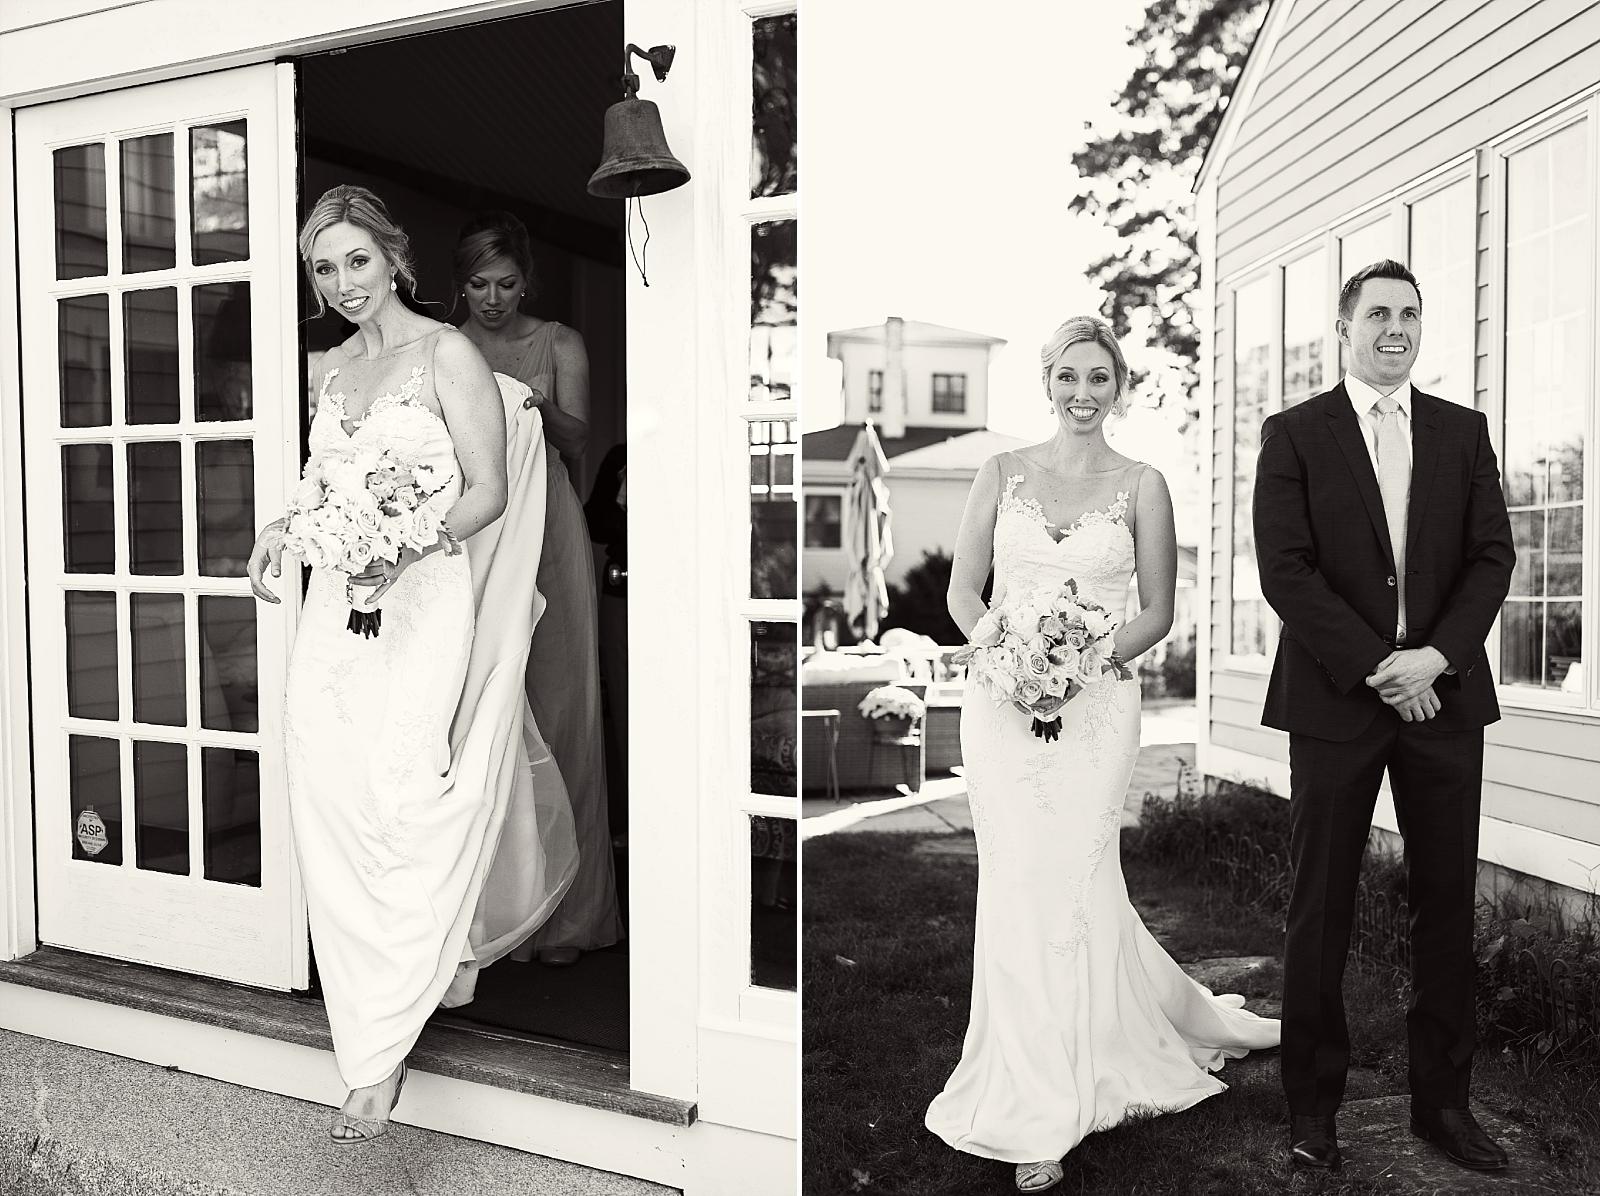 CT_Wedding_Photographer_BeLo_15.jpg